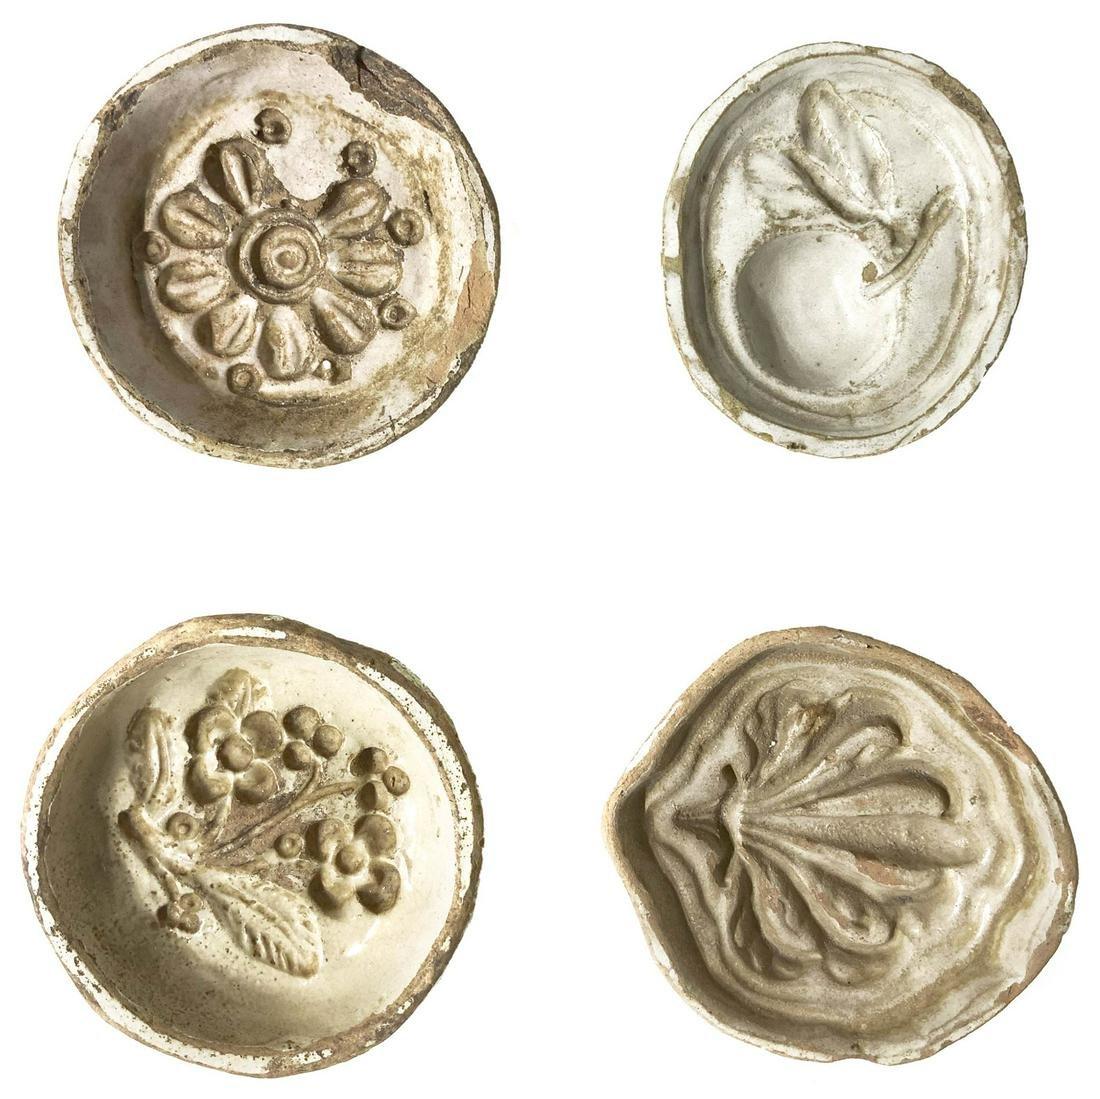 4 white Caltagirone majolica tiles, 19 century. Use for